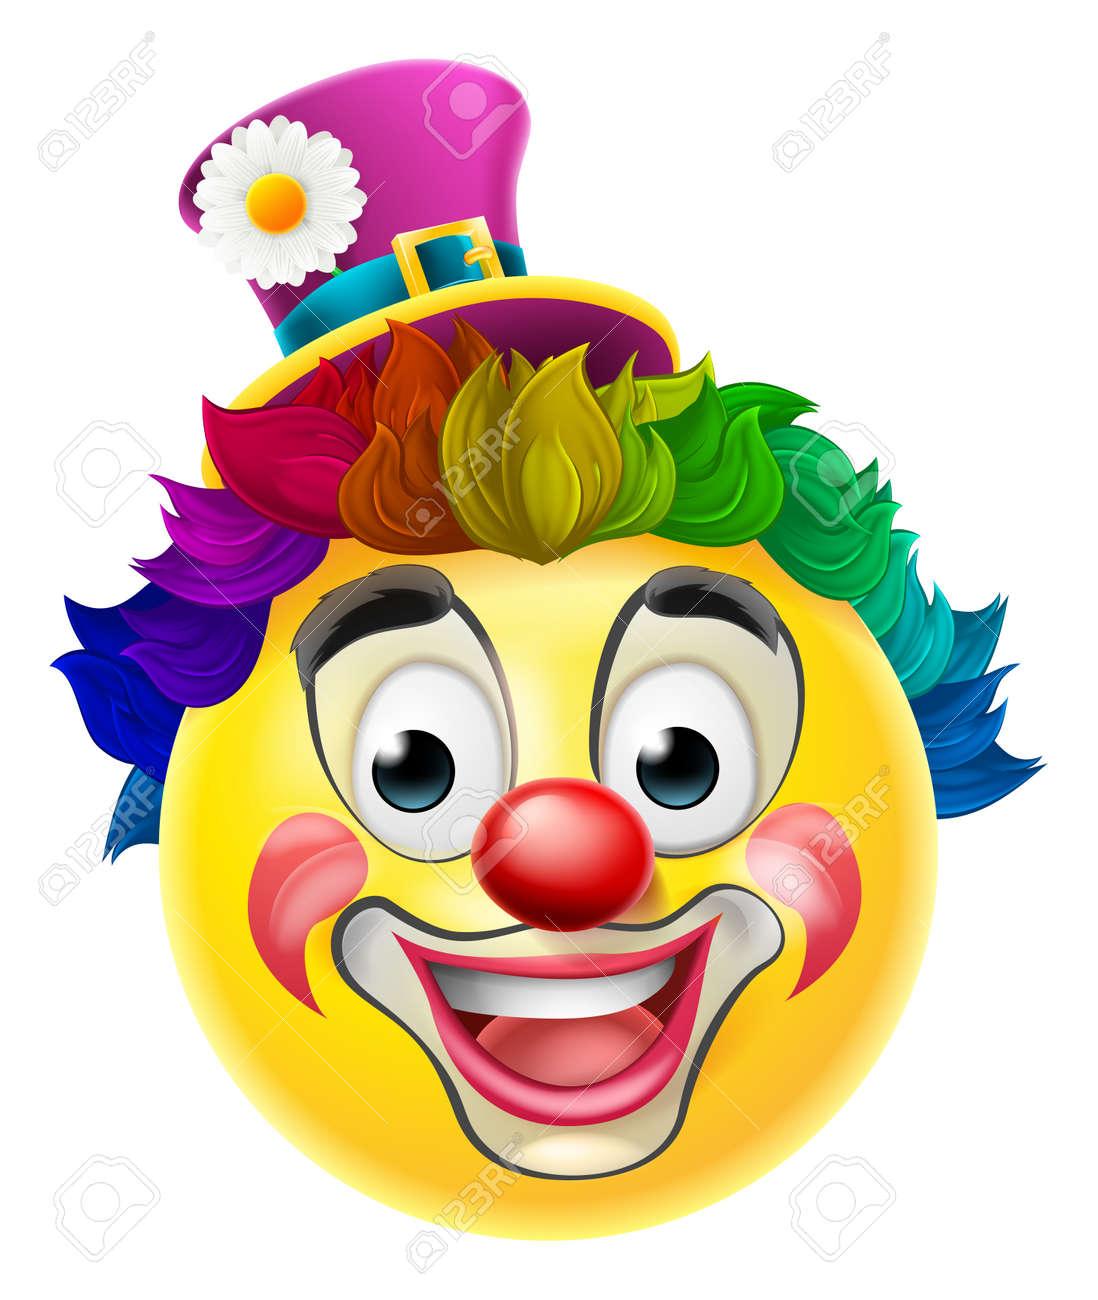 Foto de archivo - Un emoticon emoji carácter cara sonriente payaso de la  historieta con una nariz roja b20d730a49c